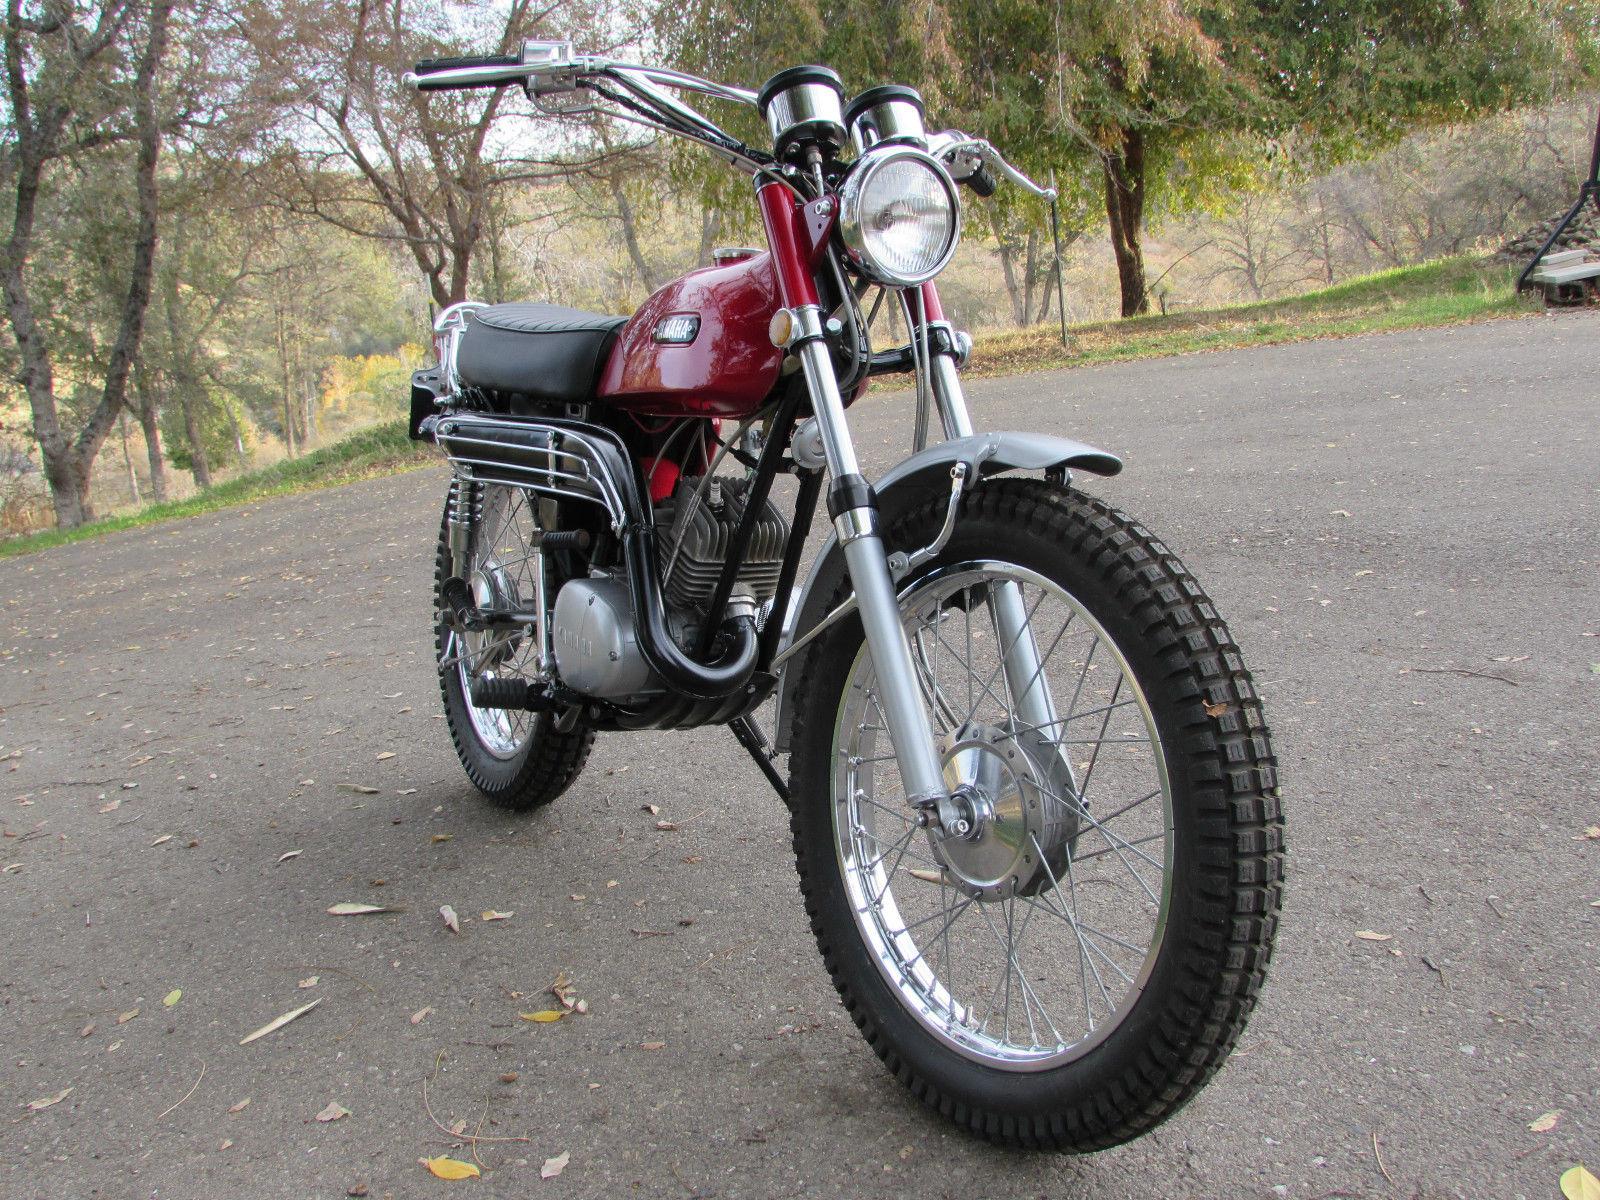 Fully Restored 1970 Yamaha AT1 125 Enduro